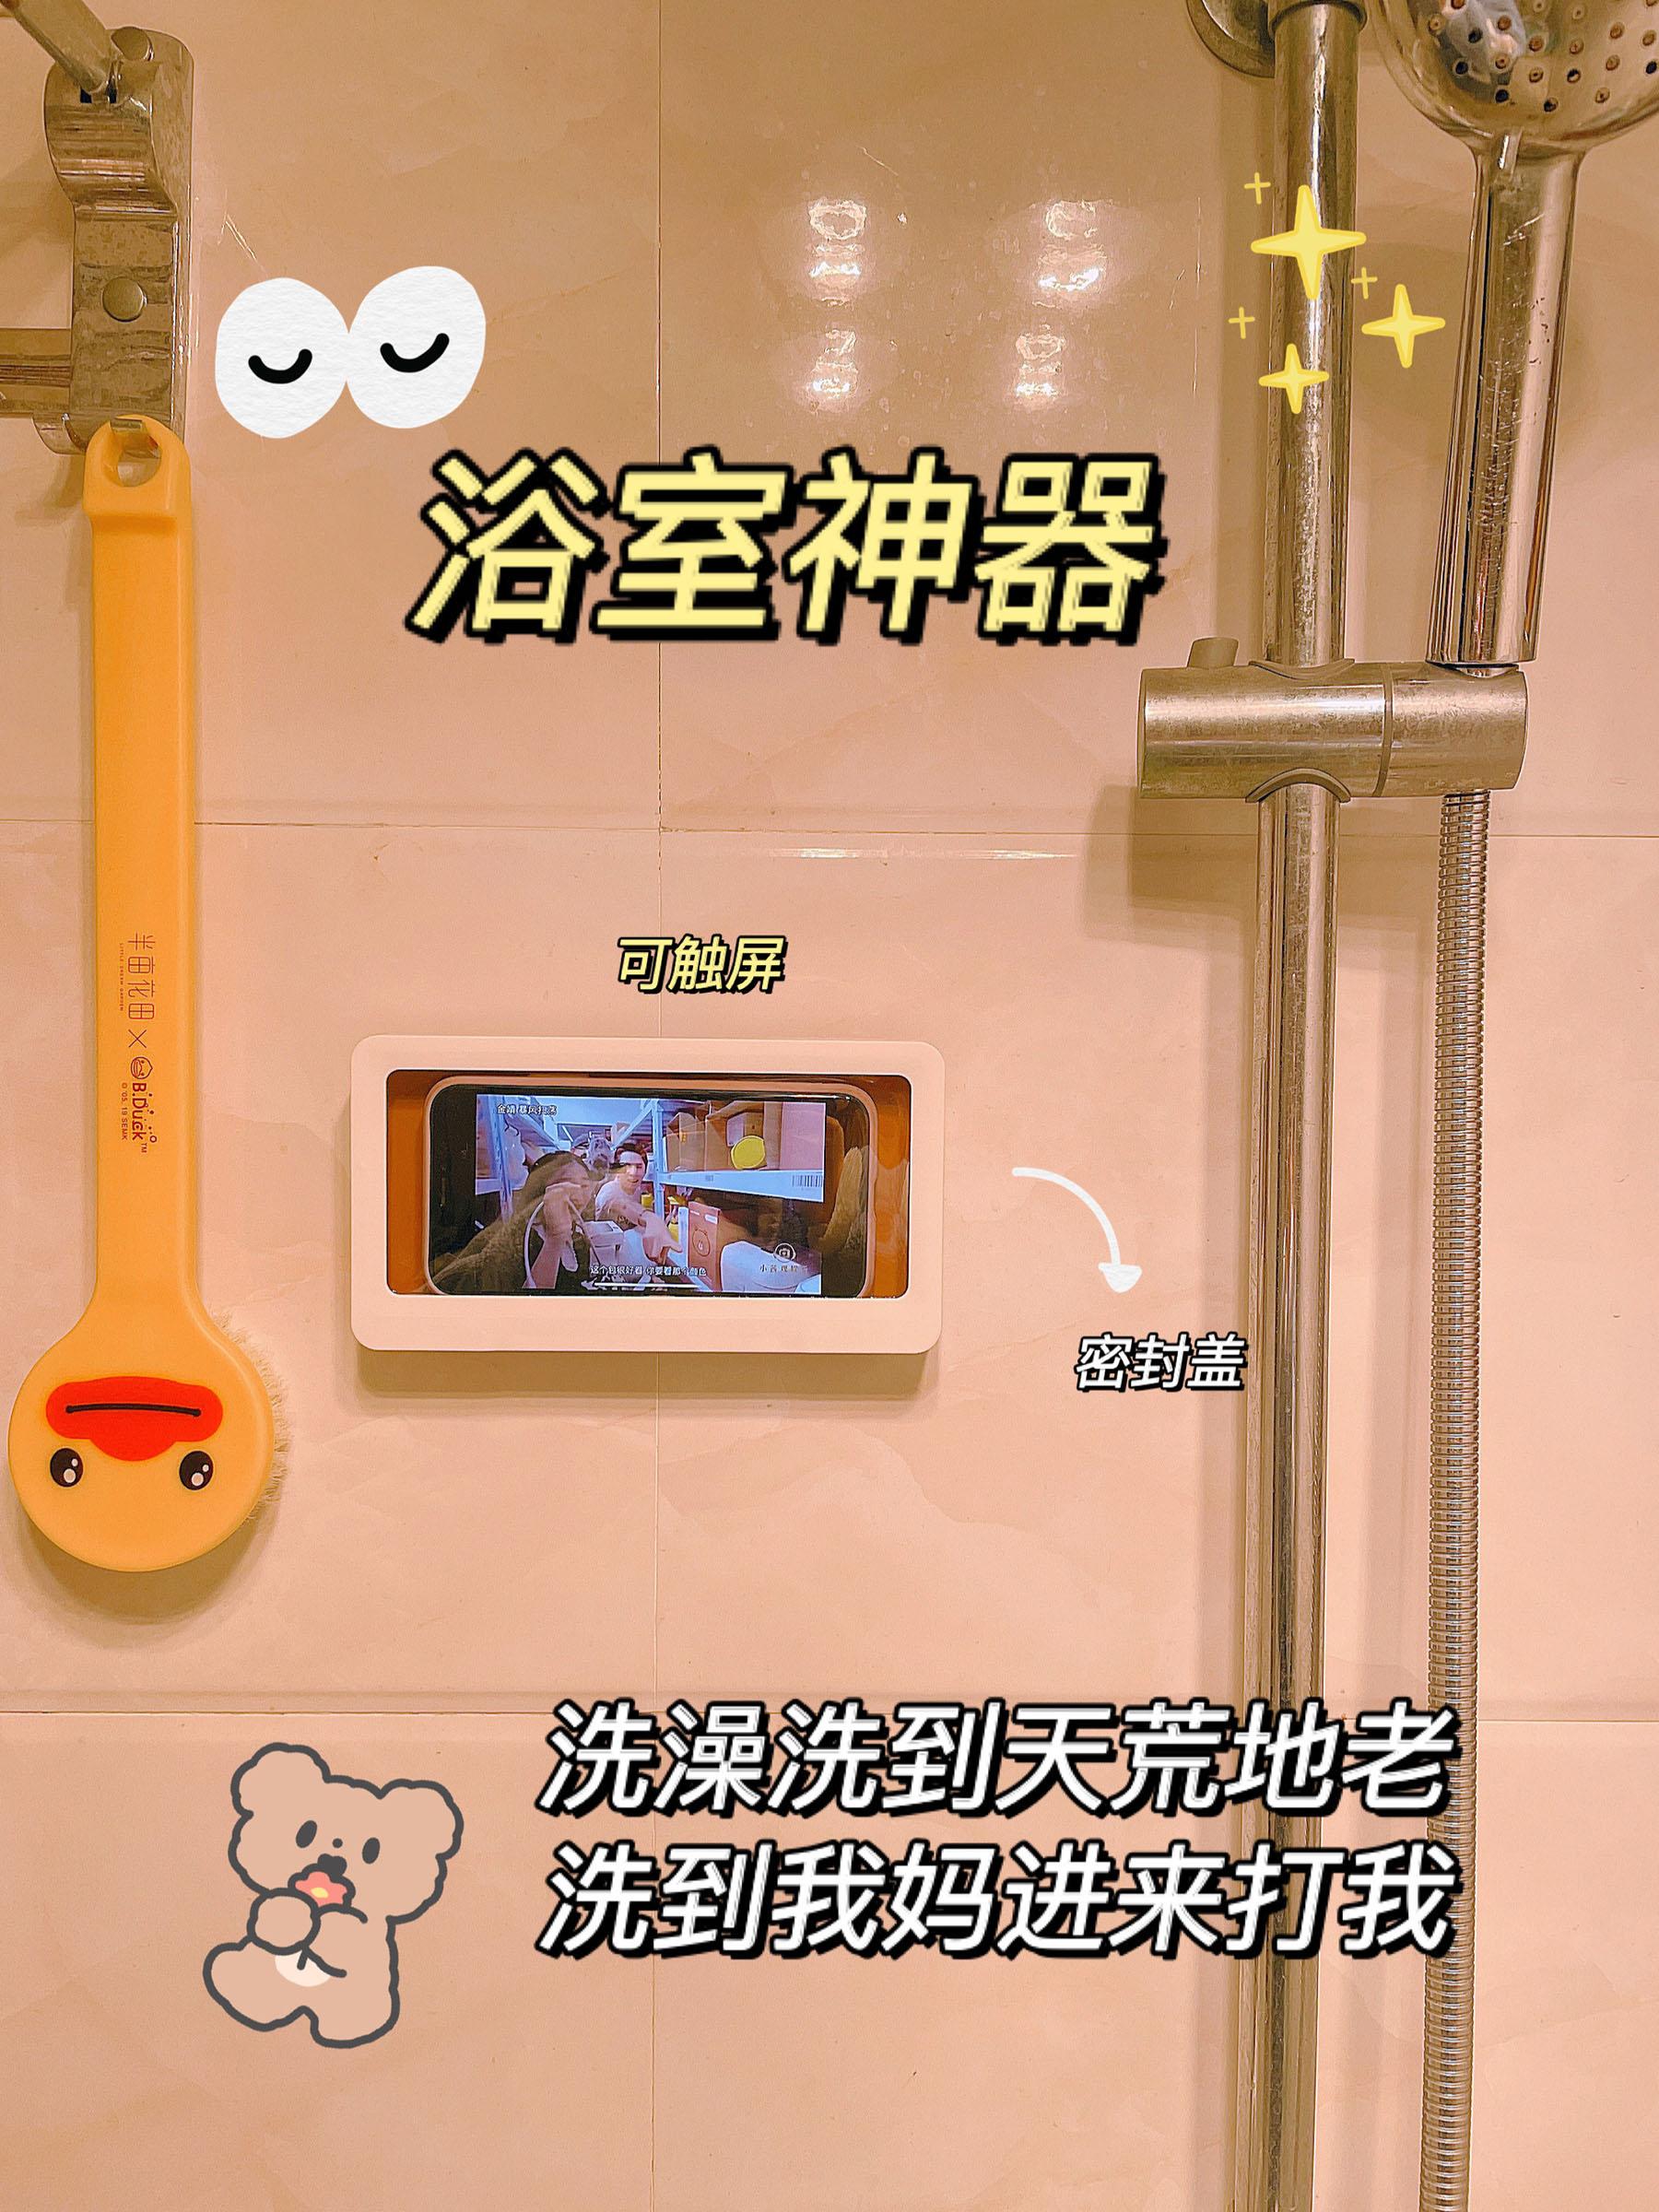 浴室手機防水支架 浴室手機防水支架免打孔收納盒洗澡看電視追劇神器手機置物架托架【DD34982】